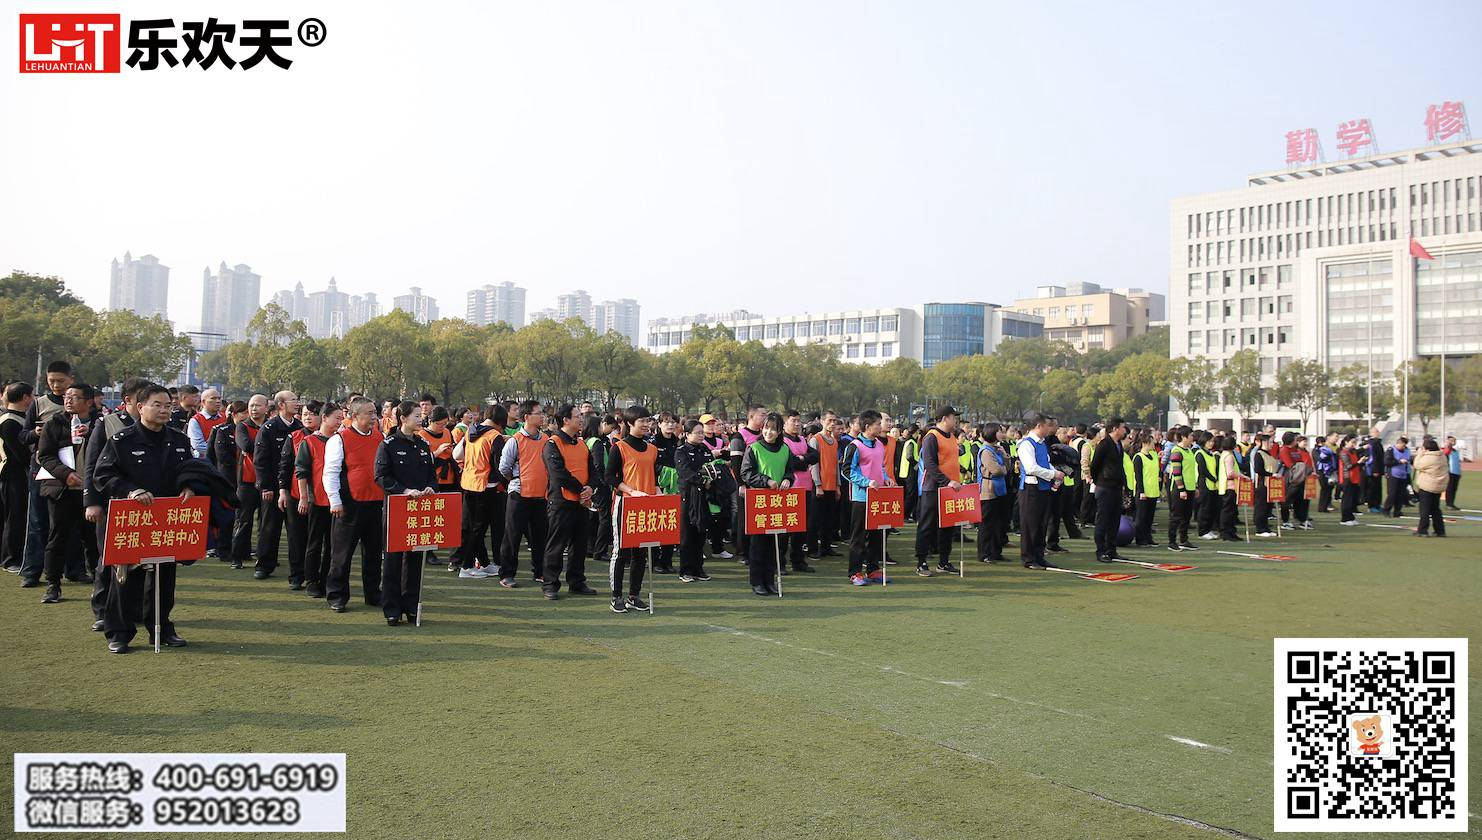 黑龙江警察学院教职工趣味运动会